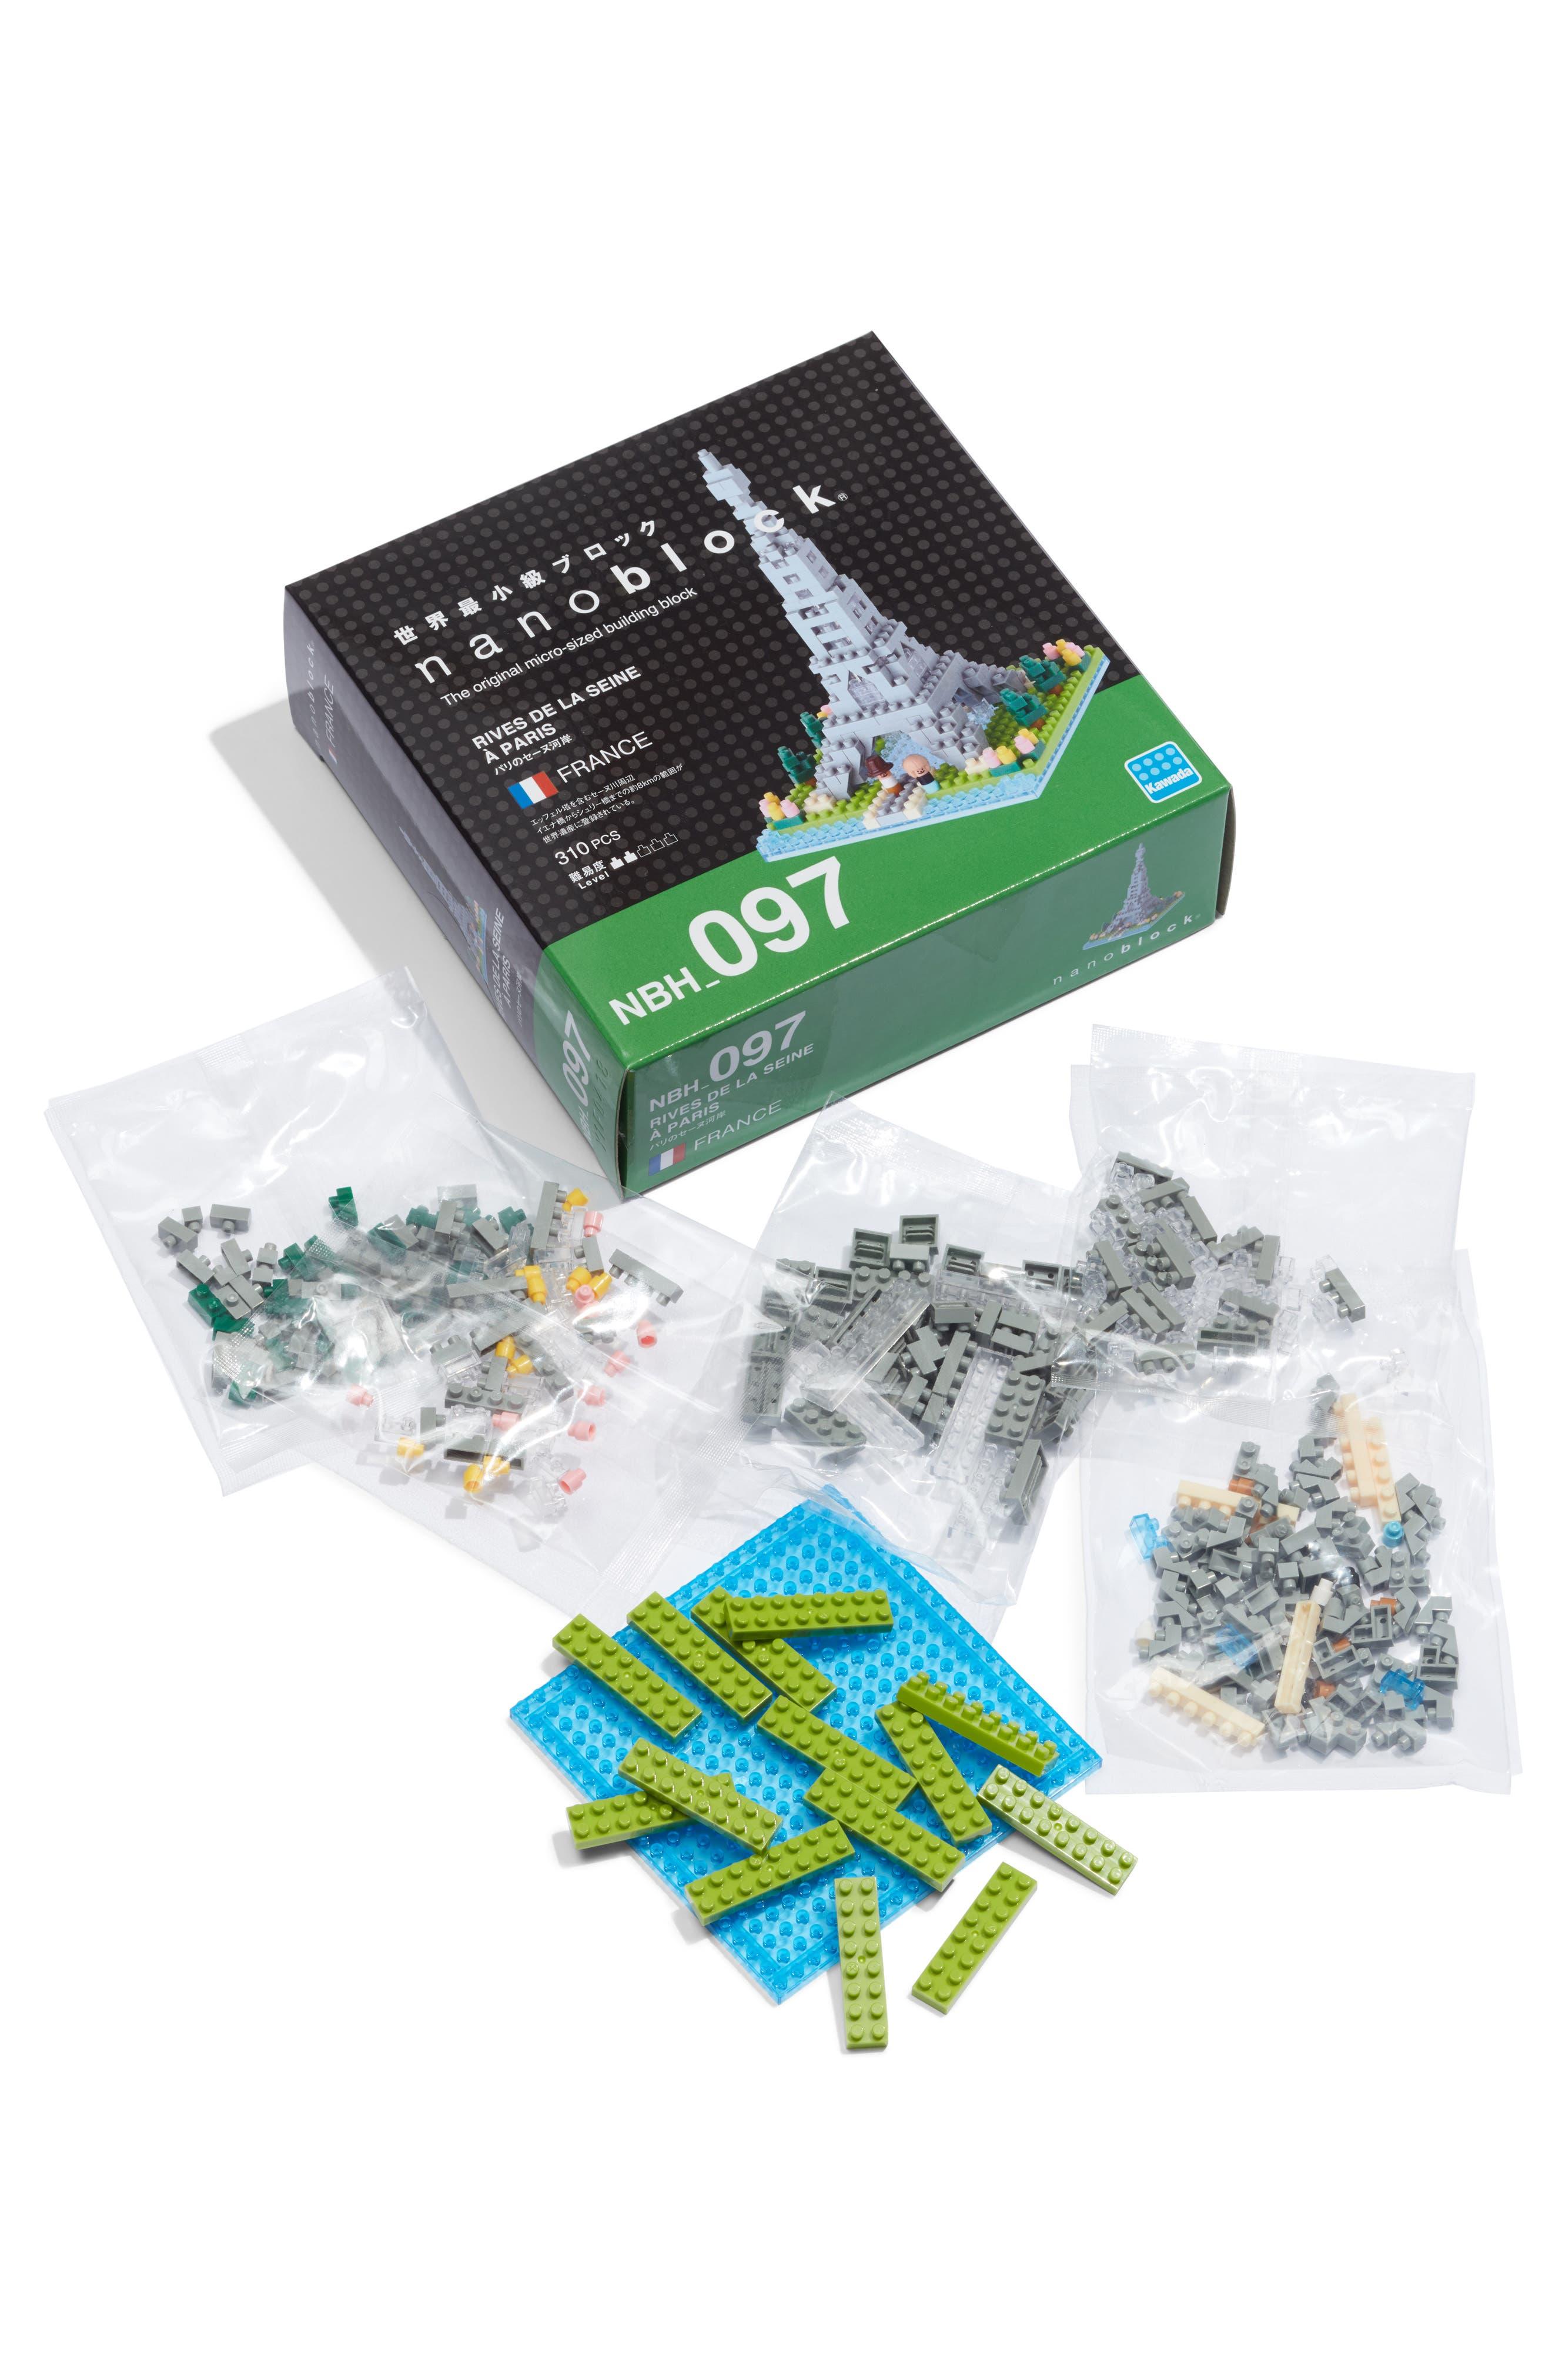 Nanoblock Sights To See - Rives de la Seine à Paris 310-Piece Micro Sized Building Block Kit,                             Main thumbnail 1, color,                             960